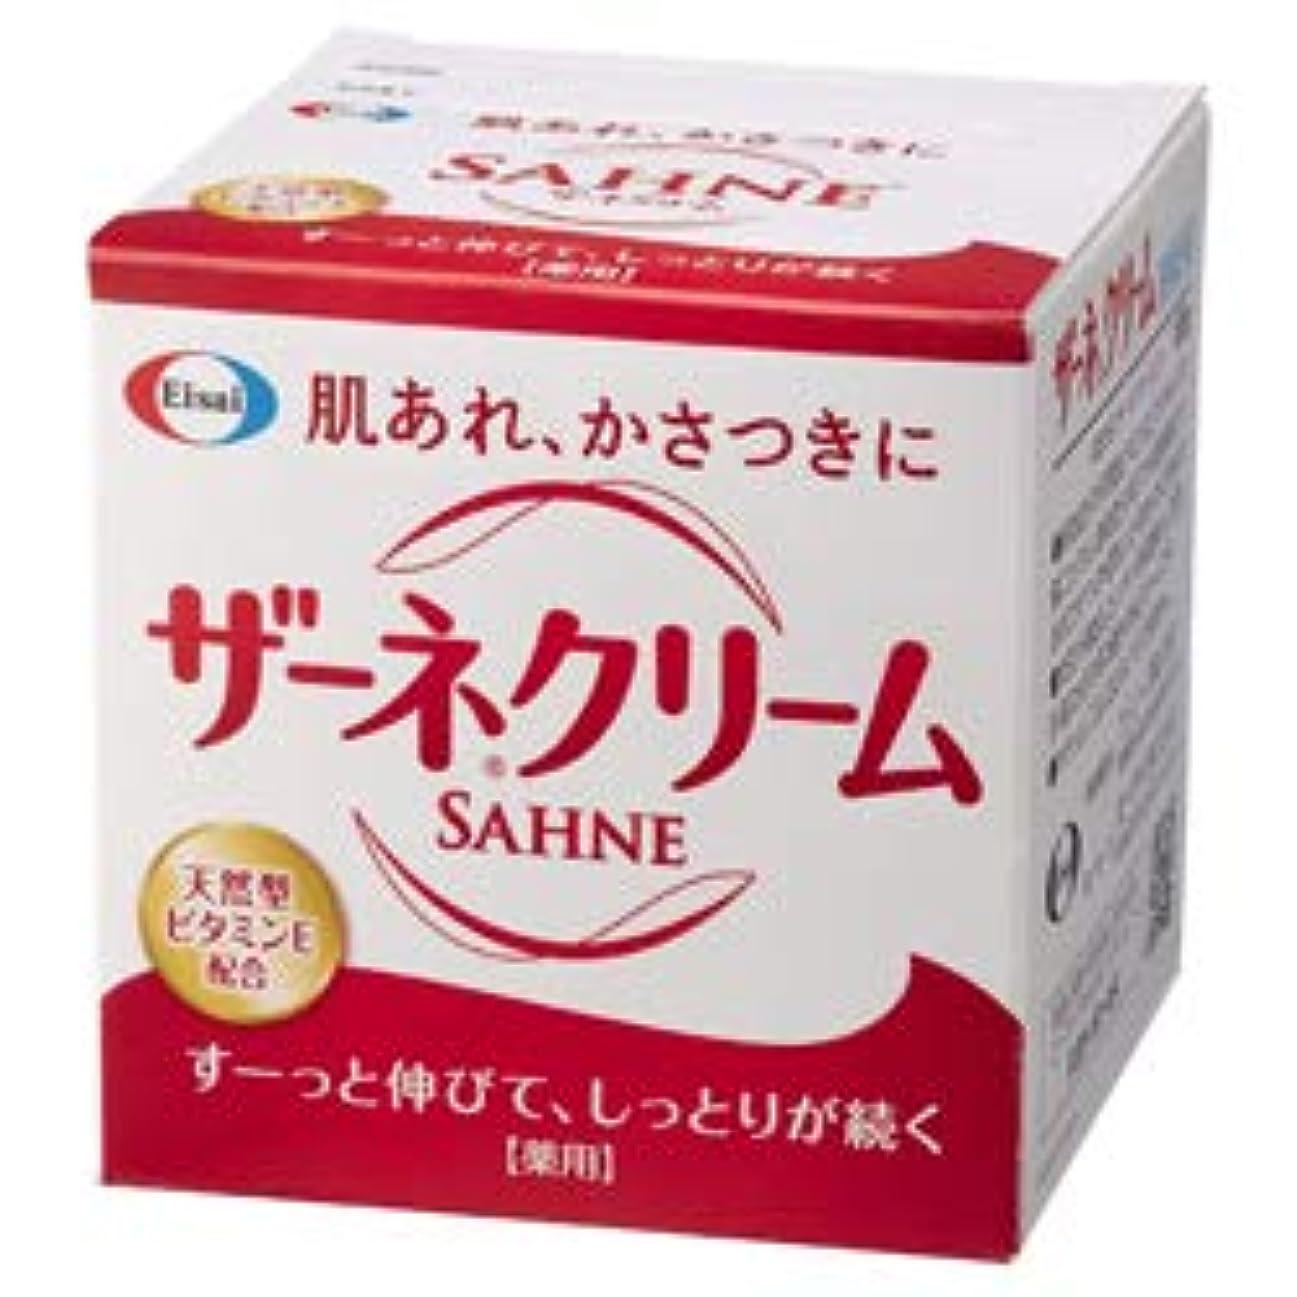 苦しみ効率的なんとなく【エーザイ】ザーネクリーム 100g(医薬部外品) ×3個セット